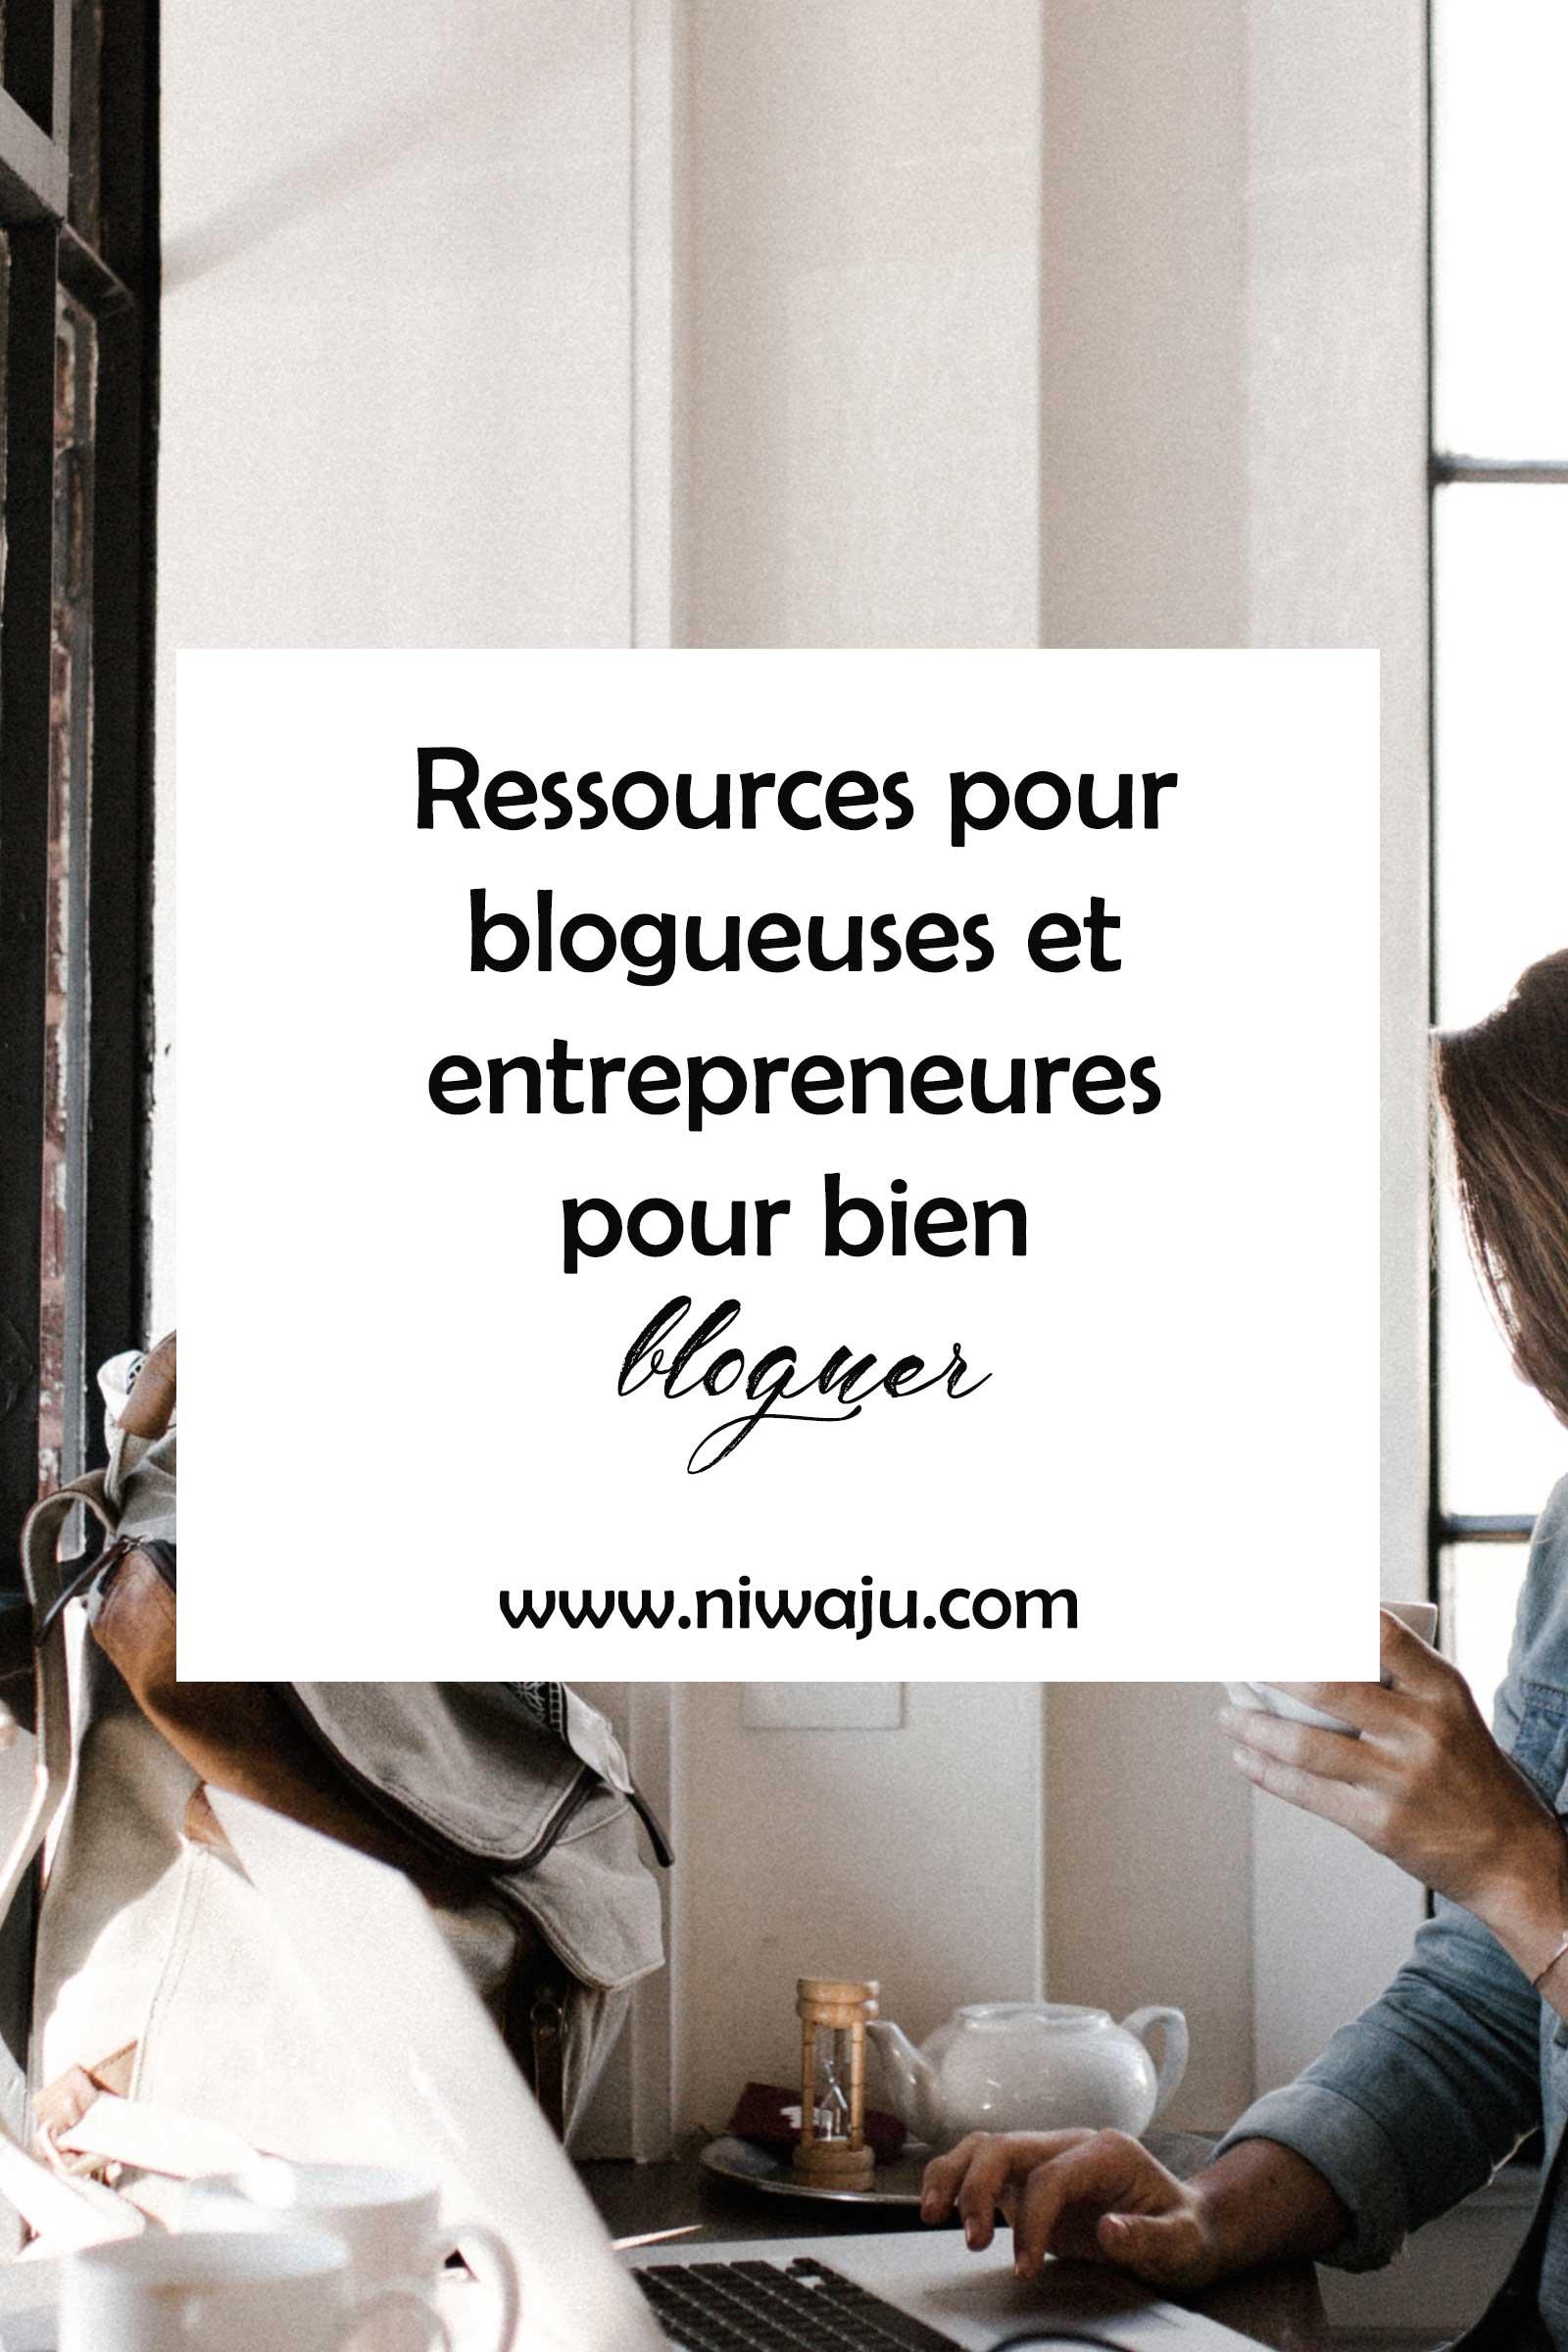 Ressources pour blogueuses et freelances